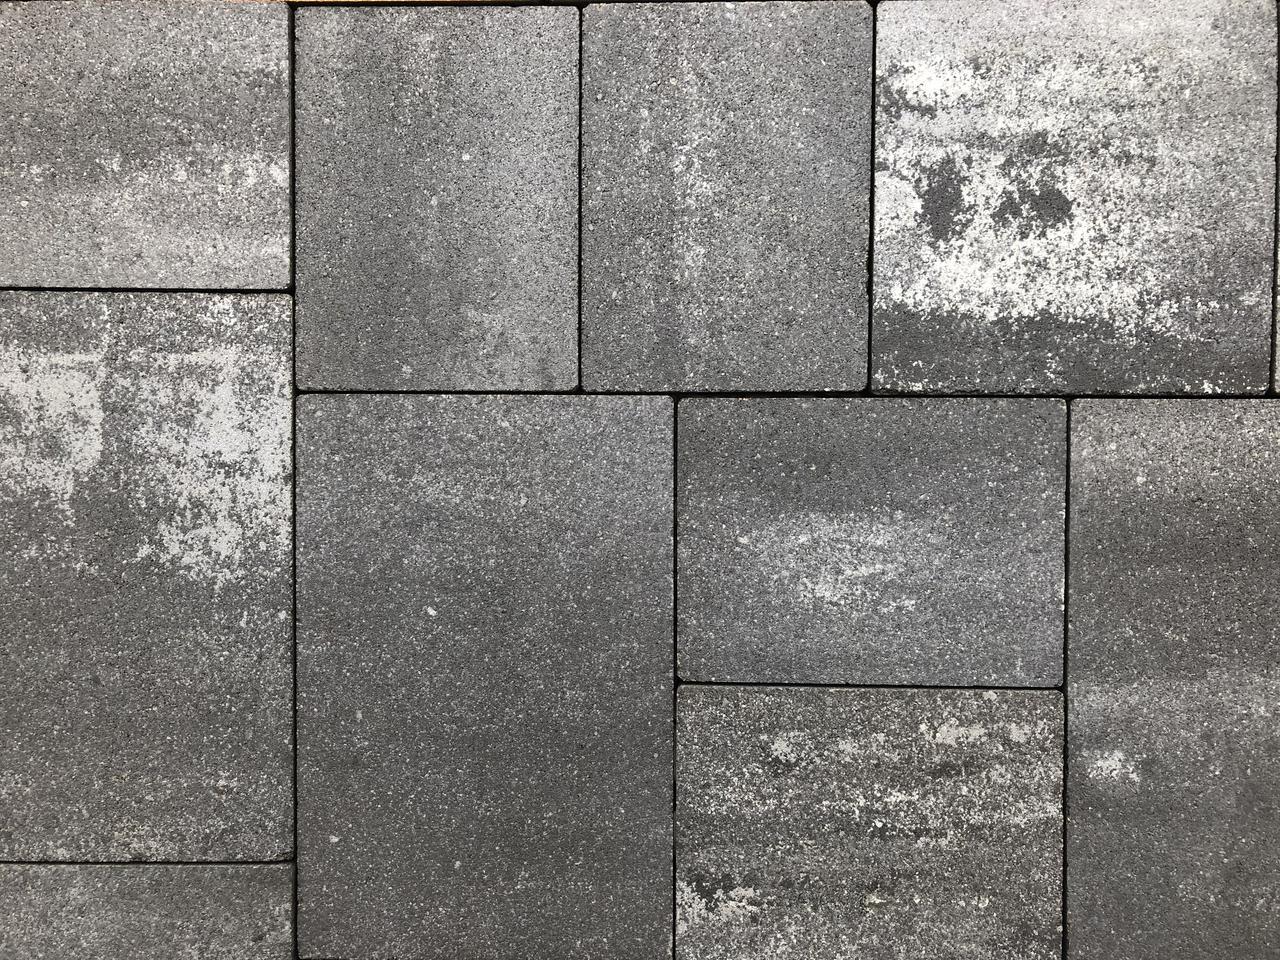 Тротуарная плитка Модерн стенд 17-19